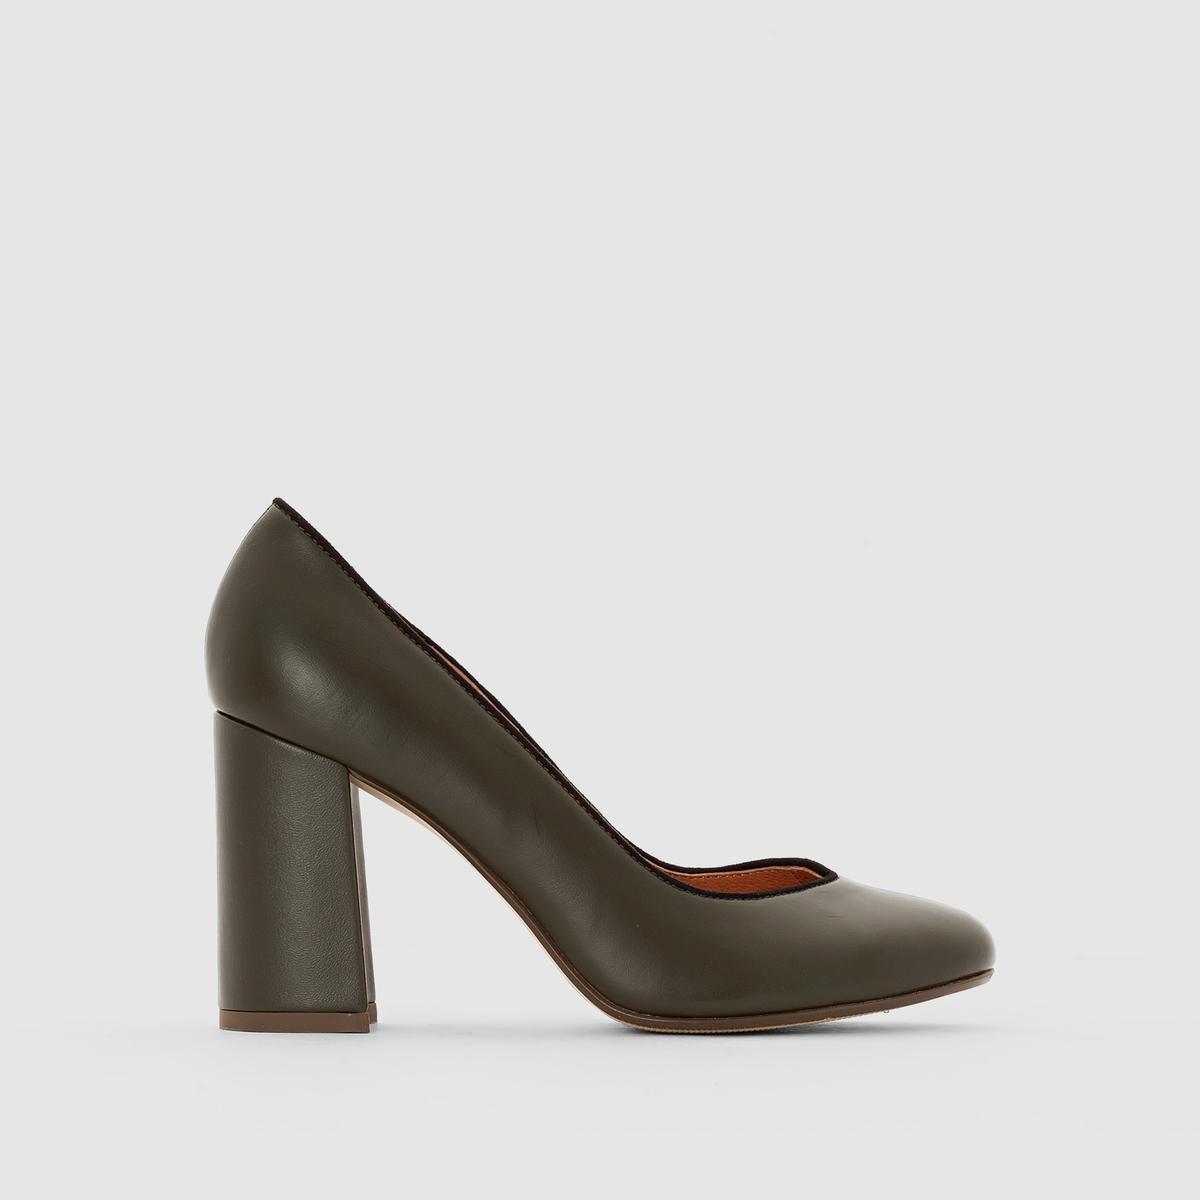 Туфли-лодочки кожаные на широком каблукеМарка : R essentiel Верх : яловичная кожаПодкладка : кожаСтелька : кожаПодошва : эластомерВысота каблука : 8,5 смПреимущества : классические туфли-лодочки, оригинальный каблук, современная и модная модель !<br><br>Цвет: хаки,черный<br>Размер: 36